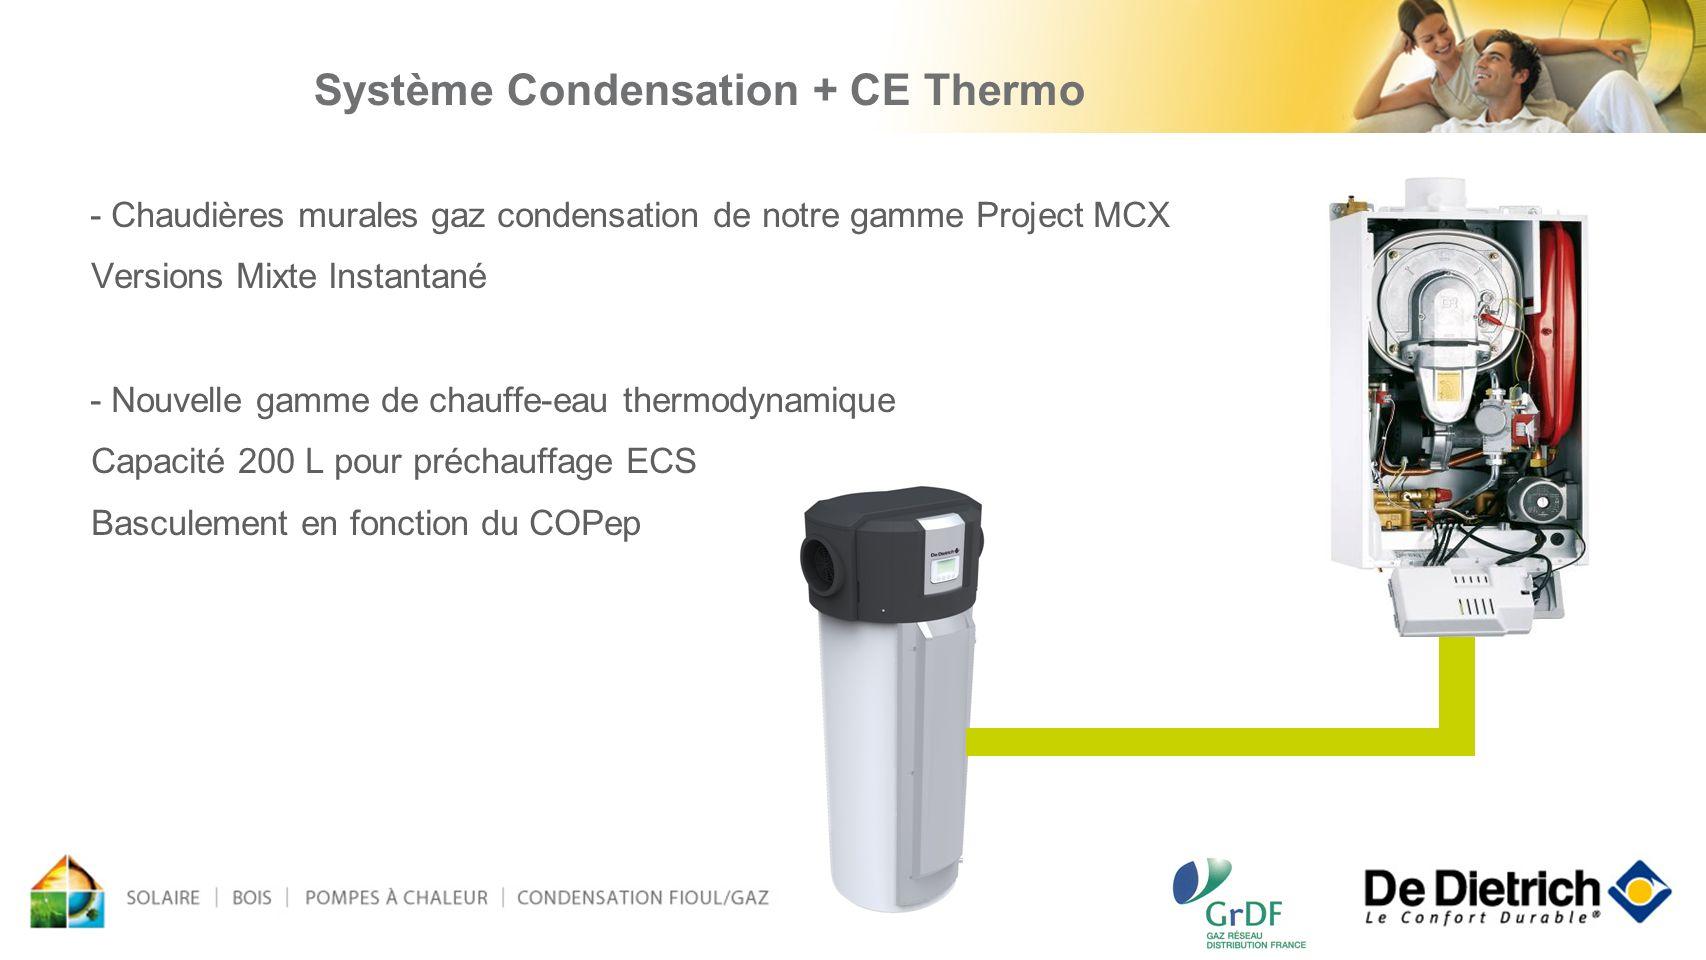 - Chaudières murales gaz condensation de notre gamme Project MCX Versions Mixte Instantané - Nouvelle gamme de chauffe-eau thermodynamique Capacité 20